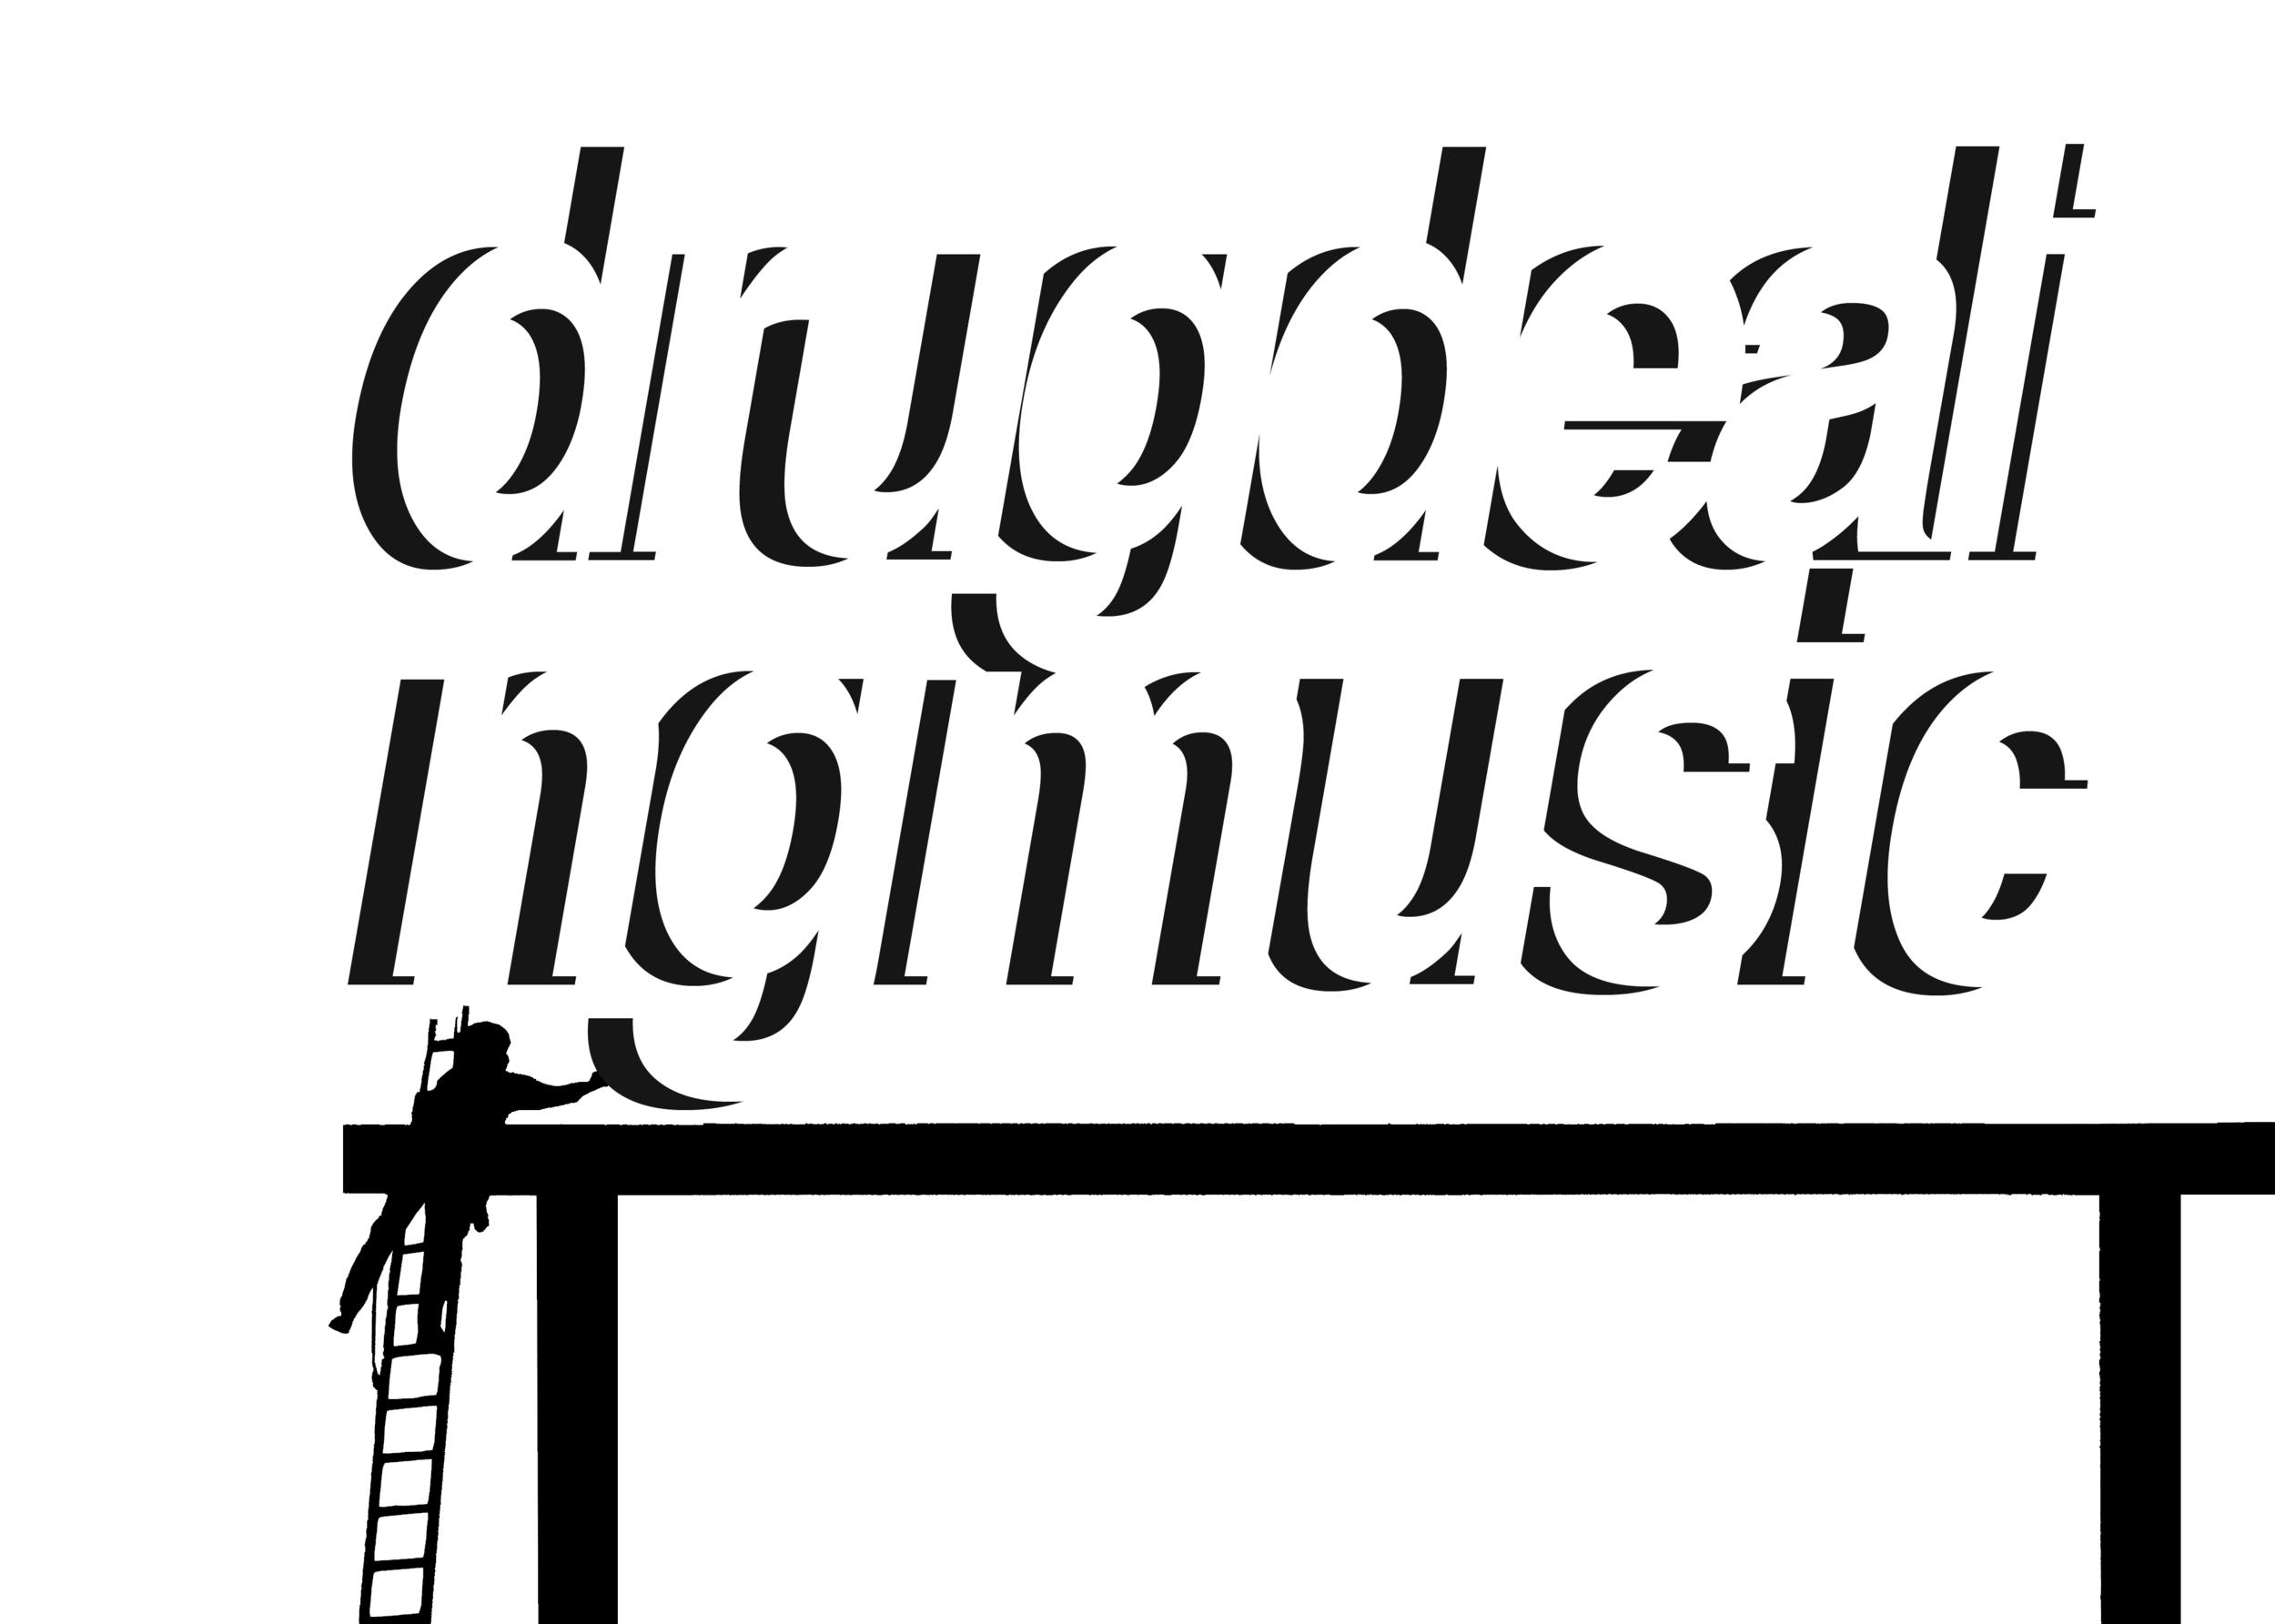 drugdealingmusic.jpg